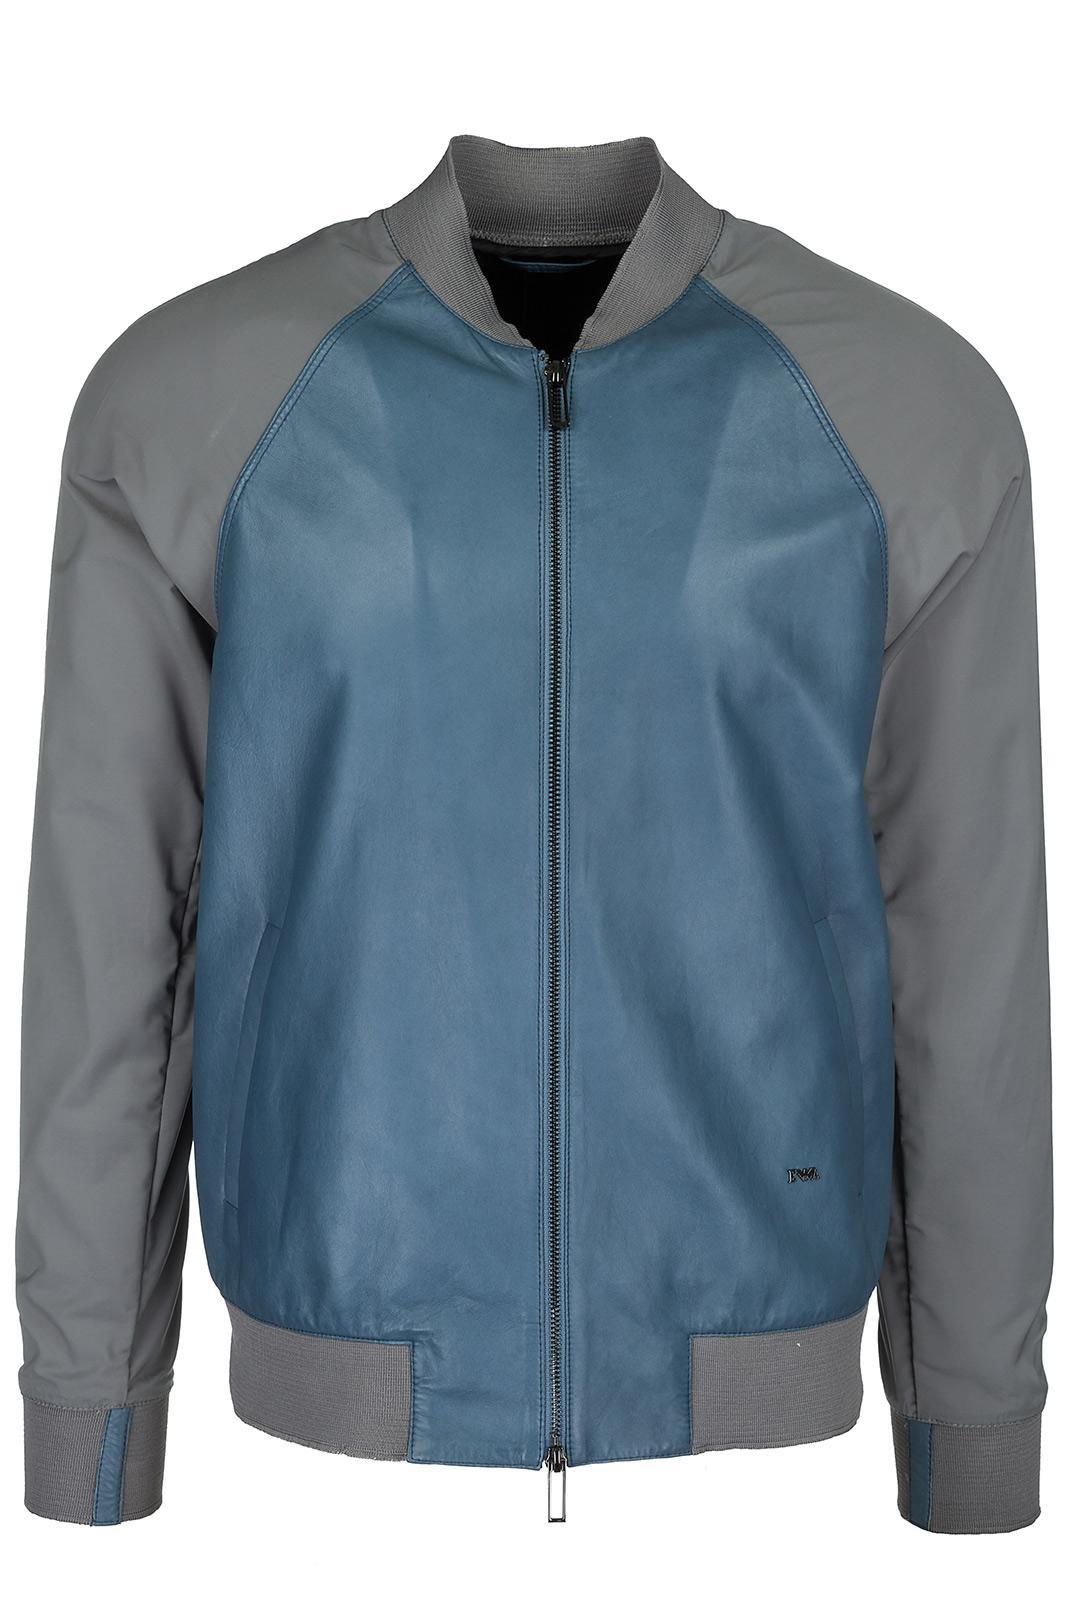 huge discount 720e7 e3b8b Herren Lederjacke Jacke Blouson Leder Herrenjacke in Blue